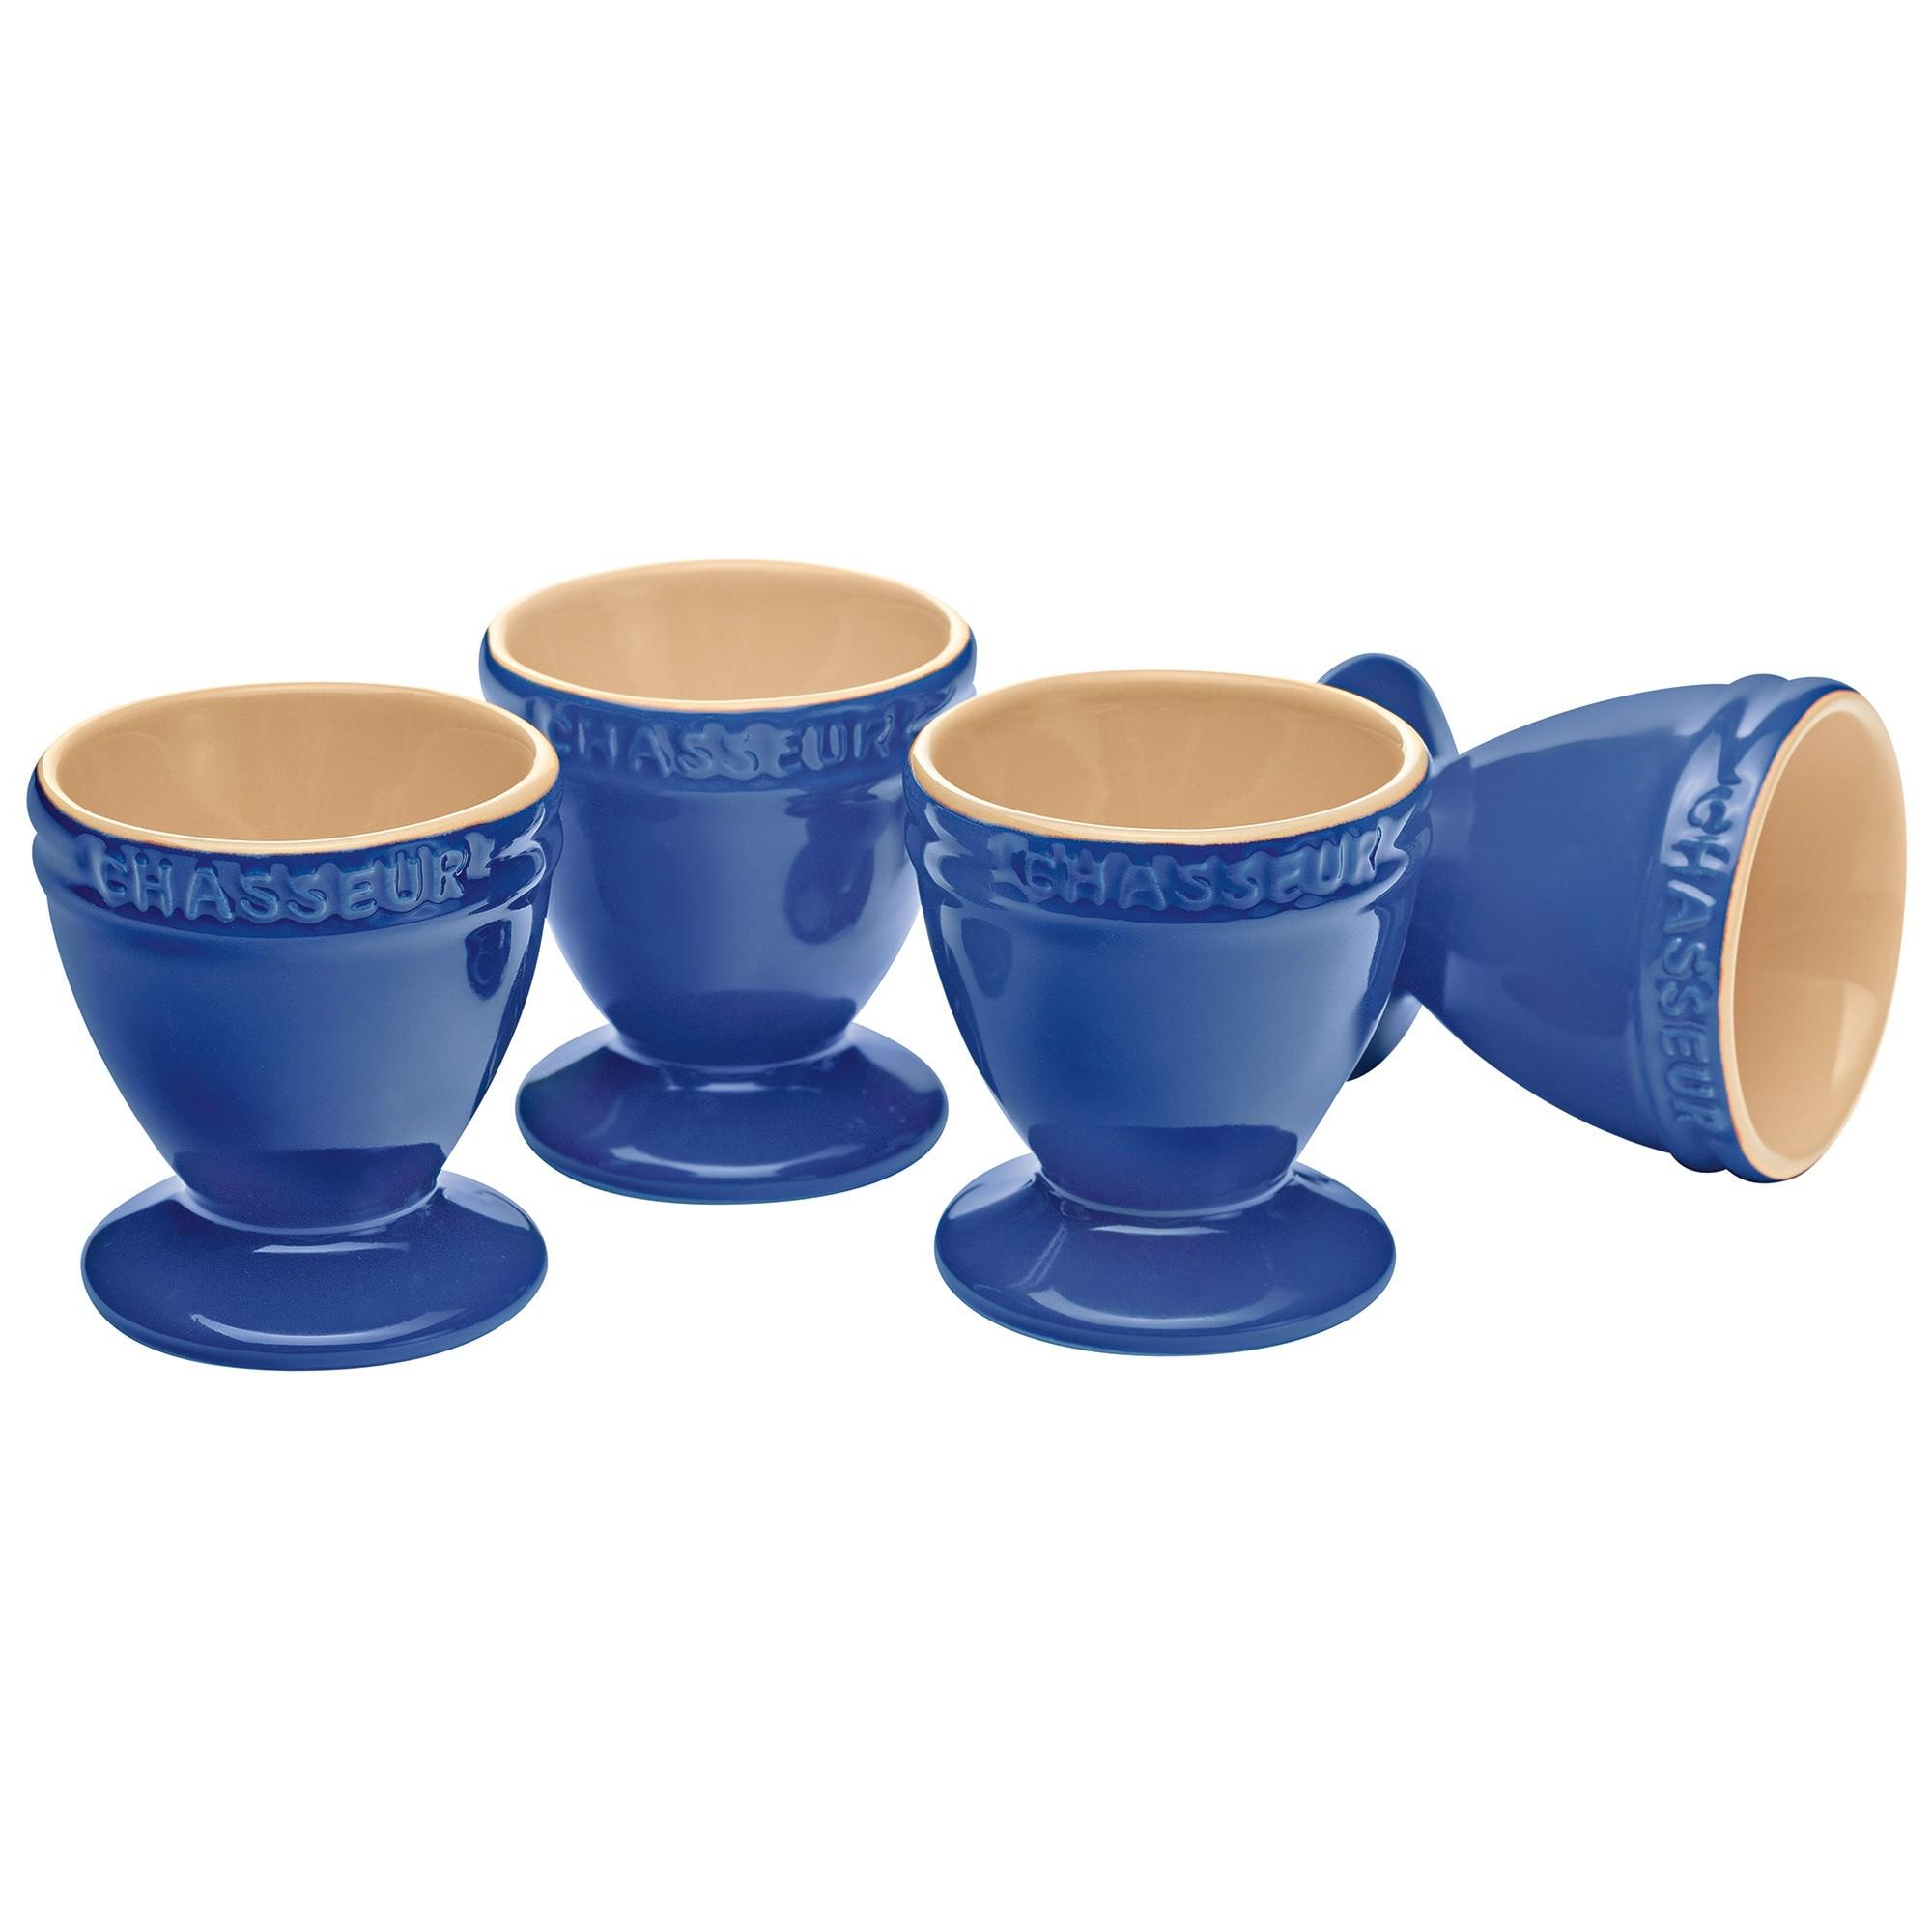 Chasseur La Cuisson 4 Piece Egg Cup Set, Blue